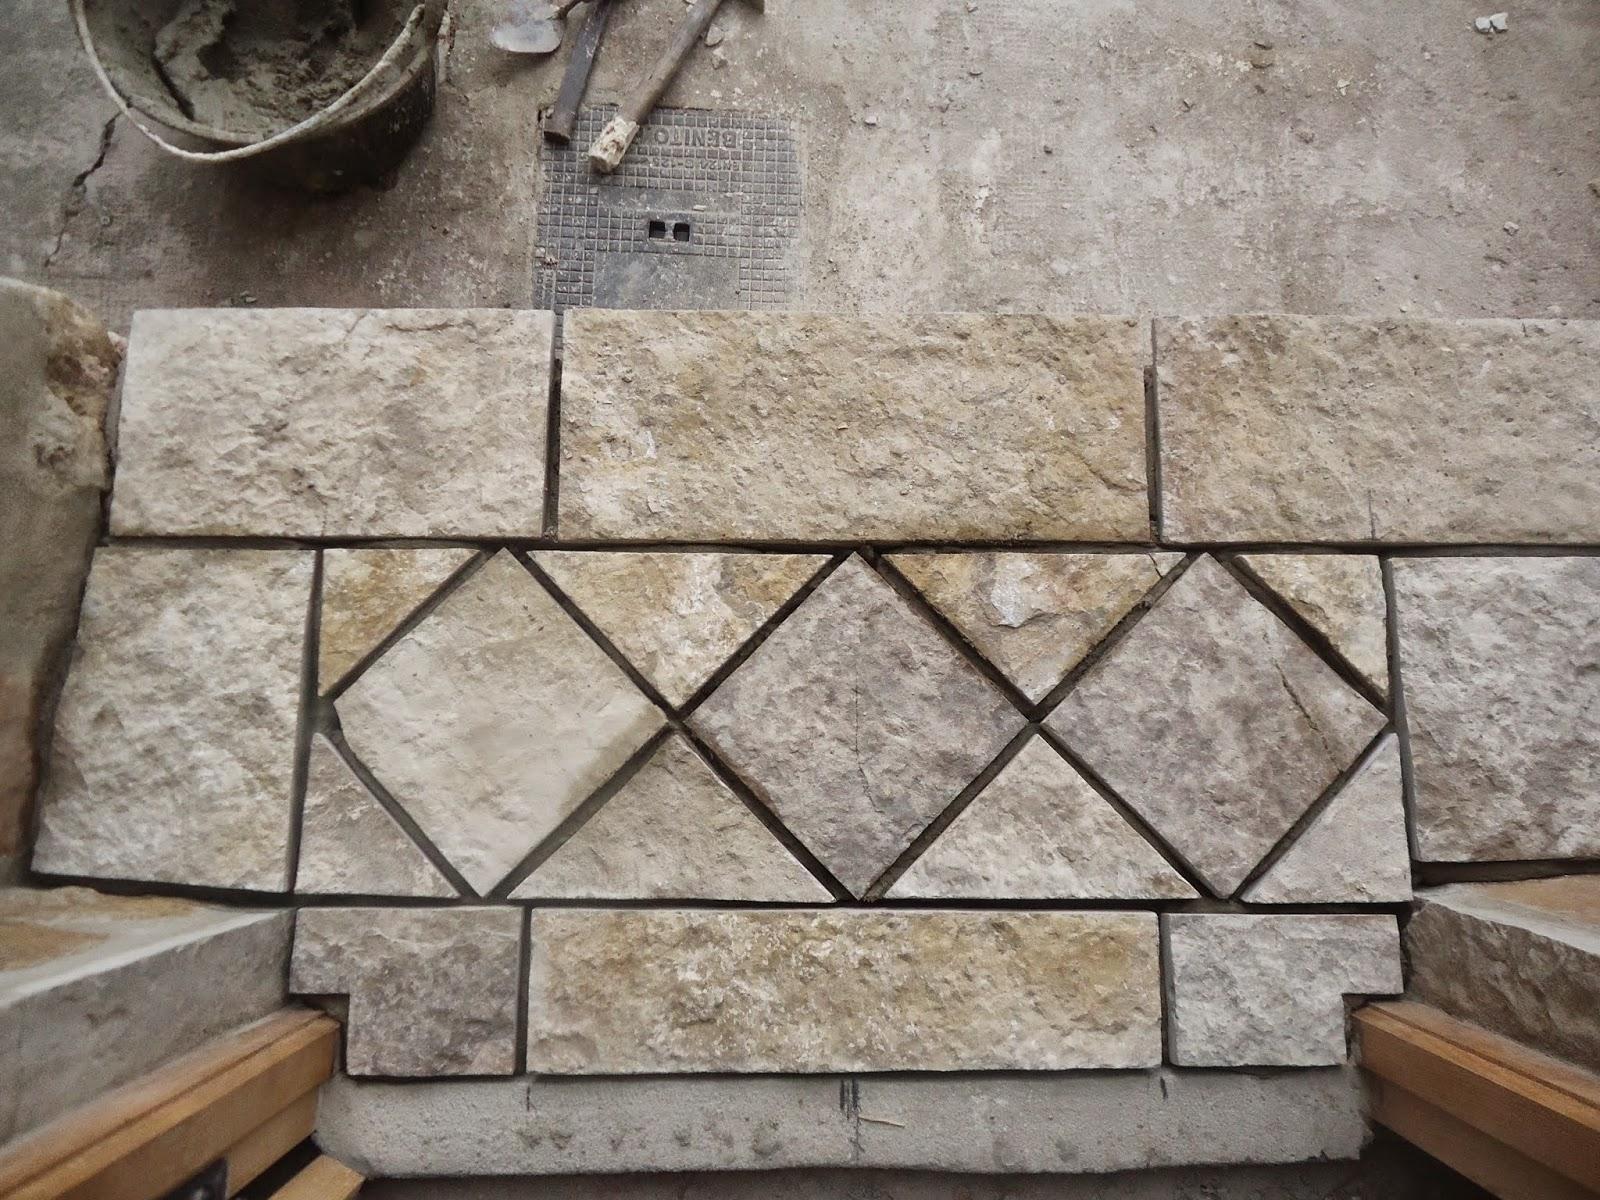 Suelos r sticos en piedra de losa quiero reformar mi casa for Suelos patios rusticos